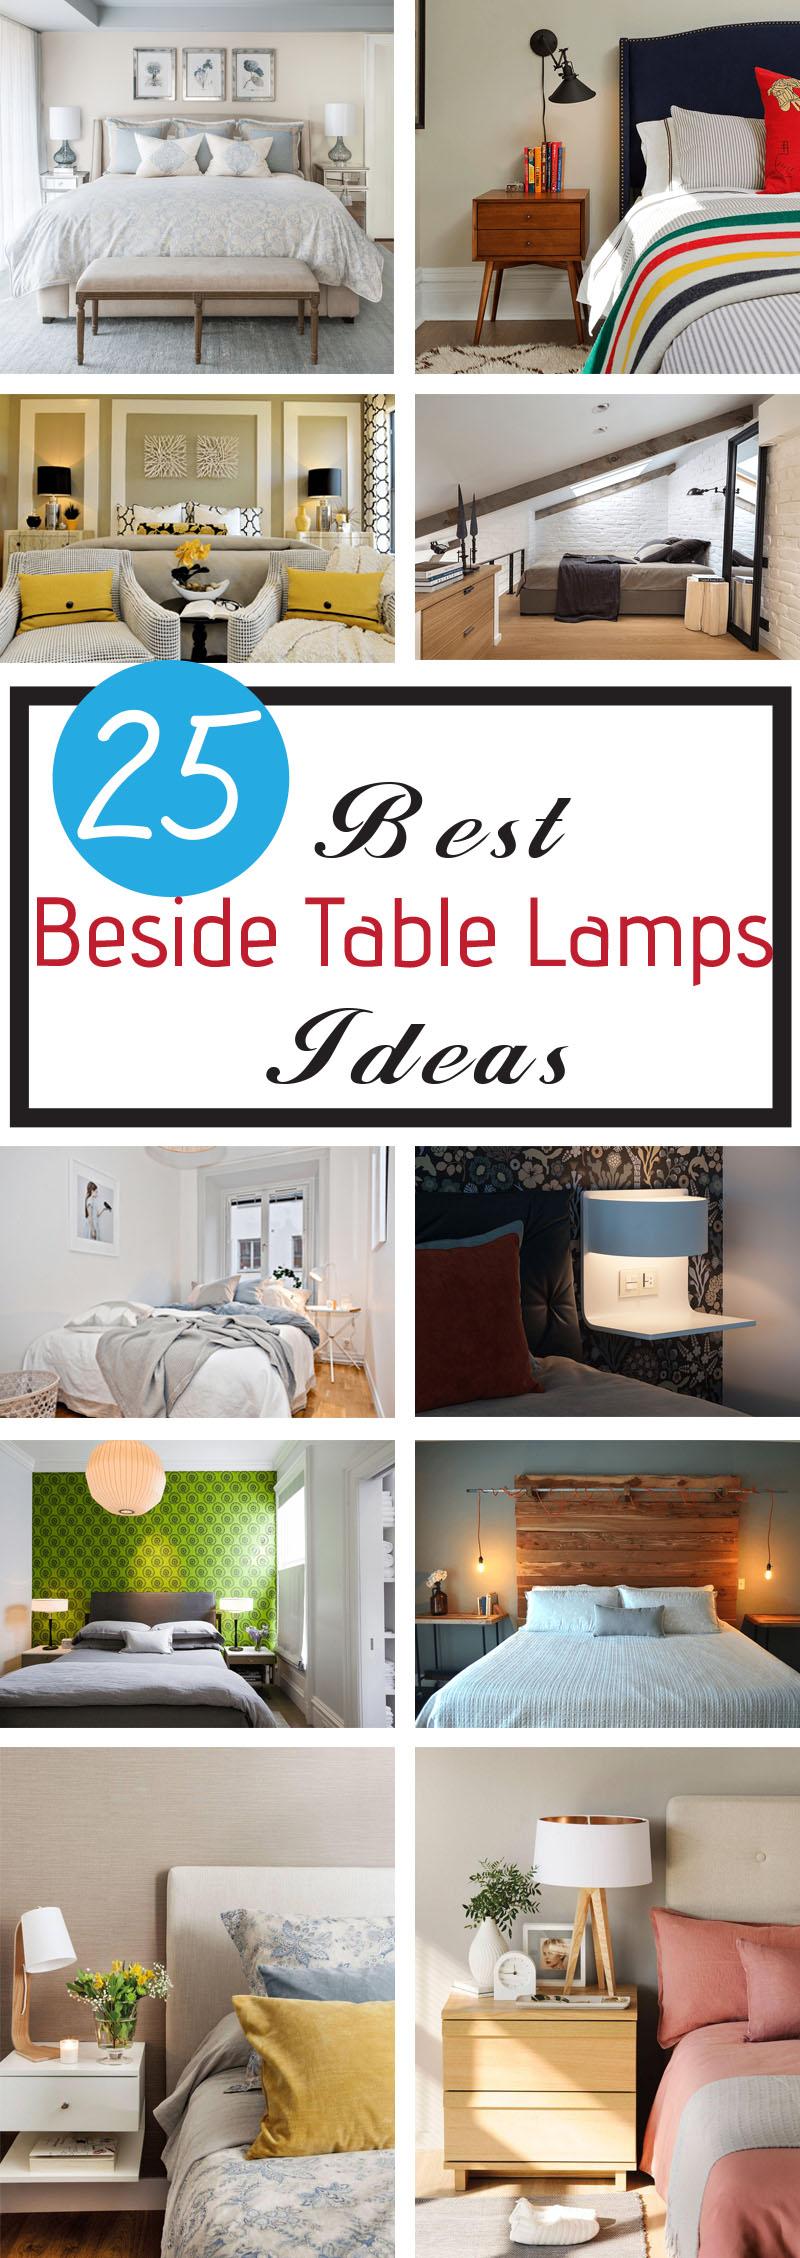 best beside table lamps ideas